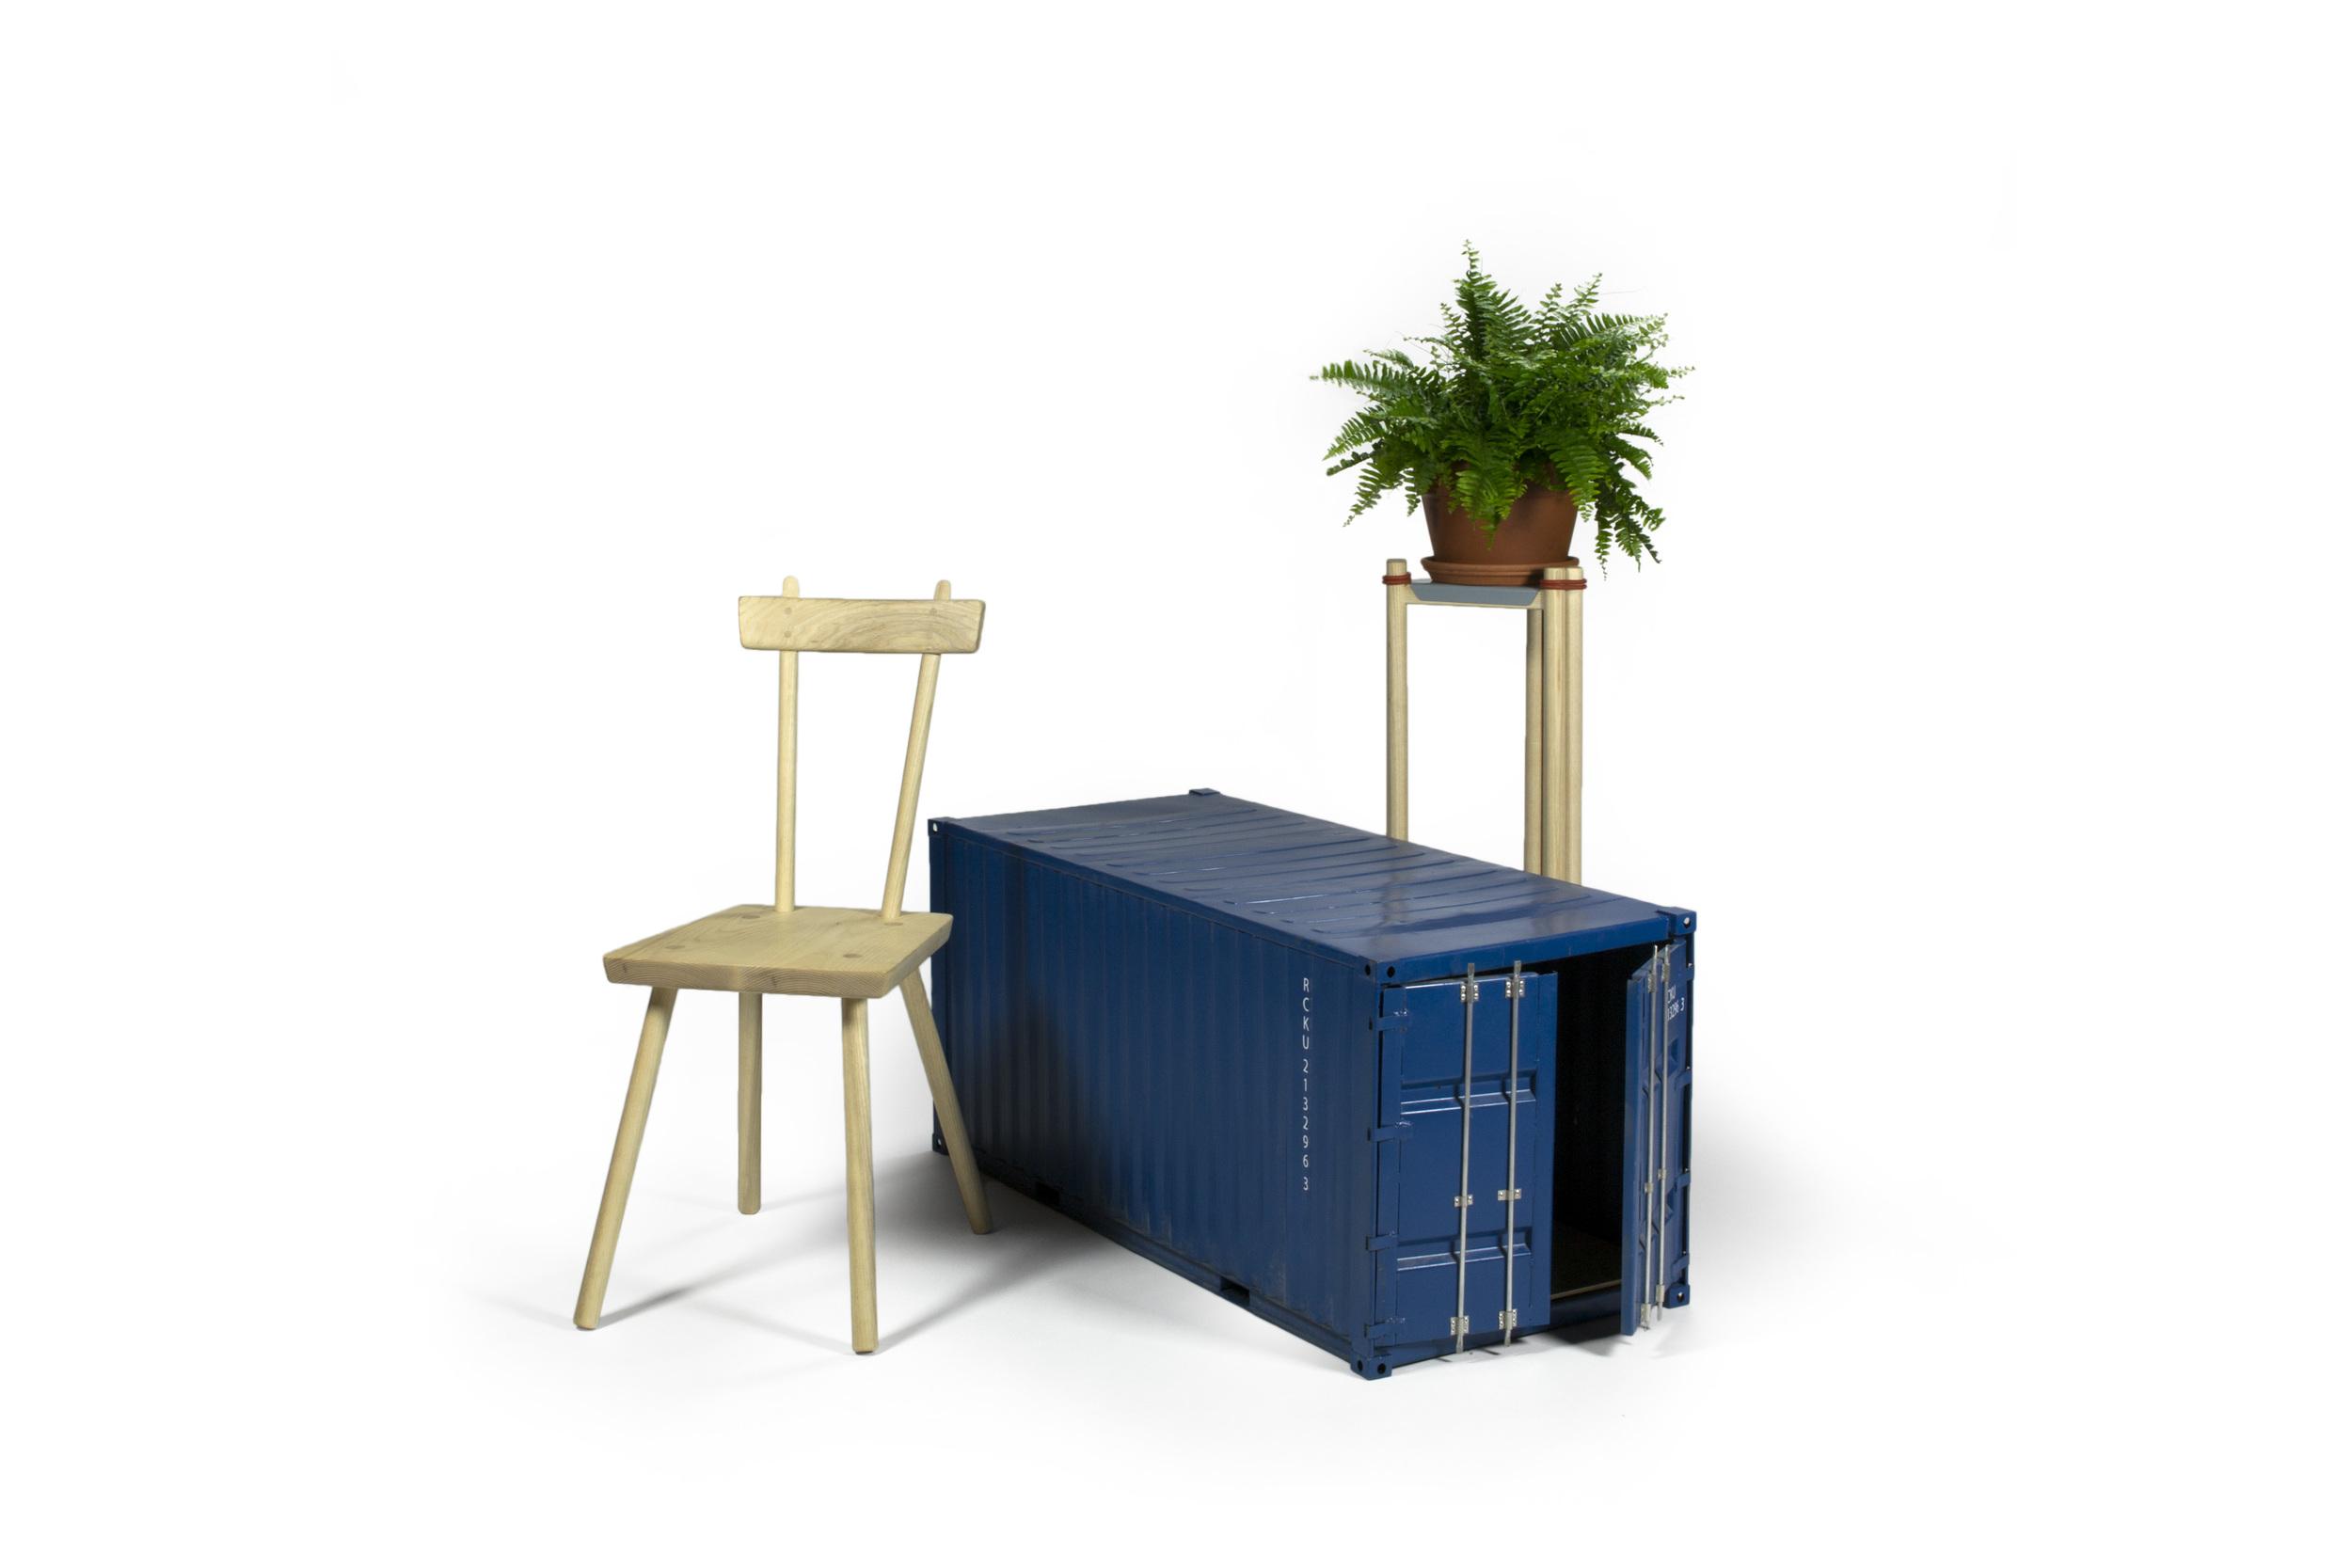 chair palnt shiping.jpg